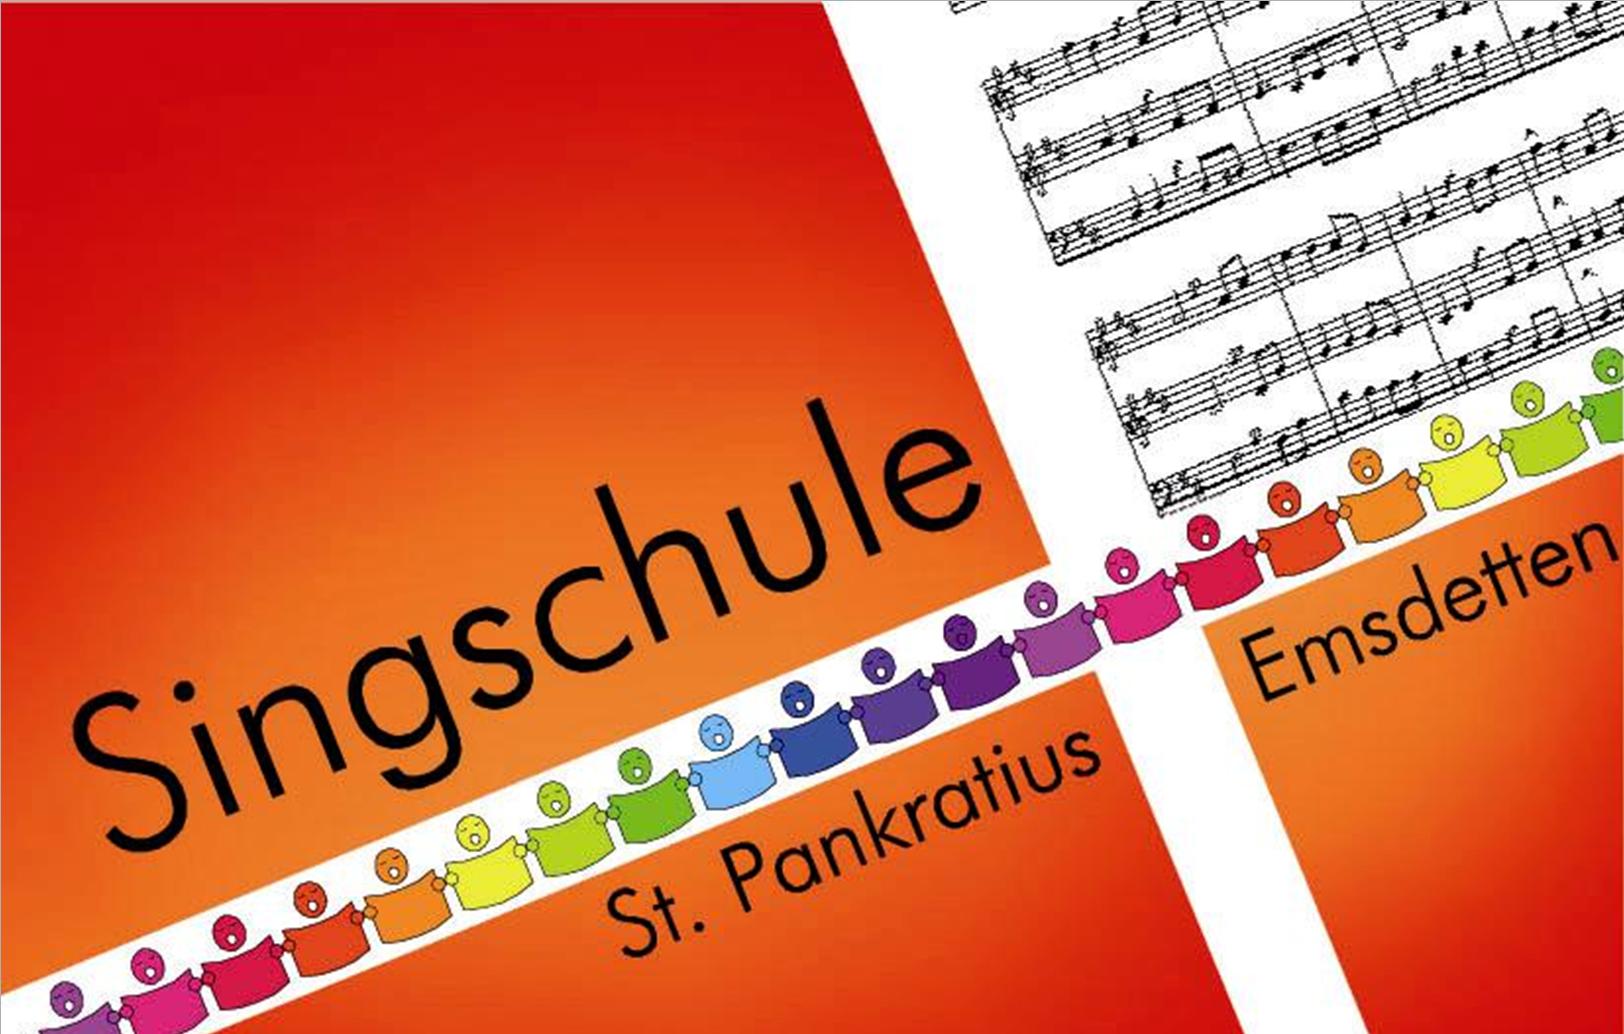 Veränderungen in der Singschule St. Pankratius